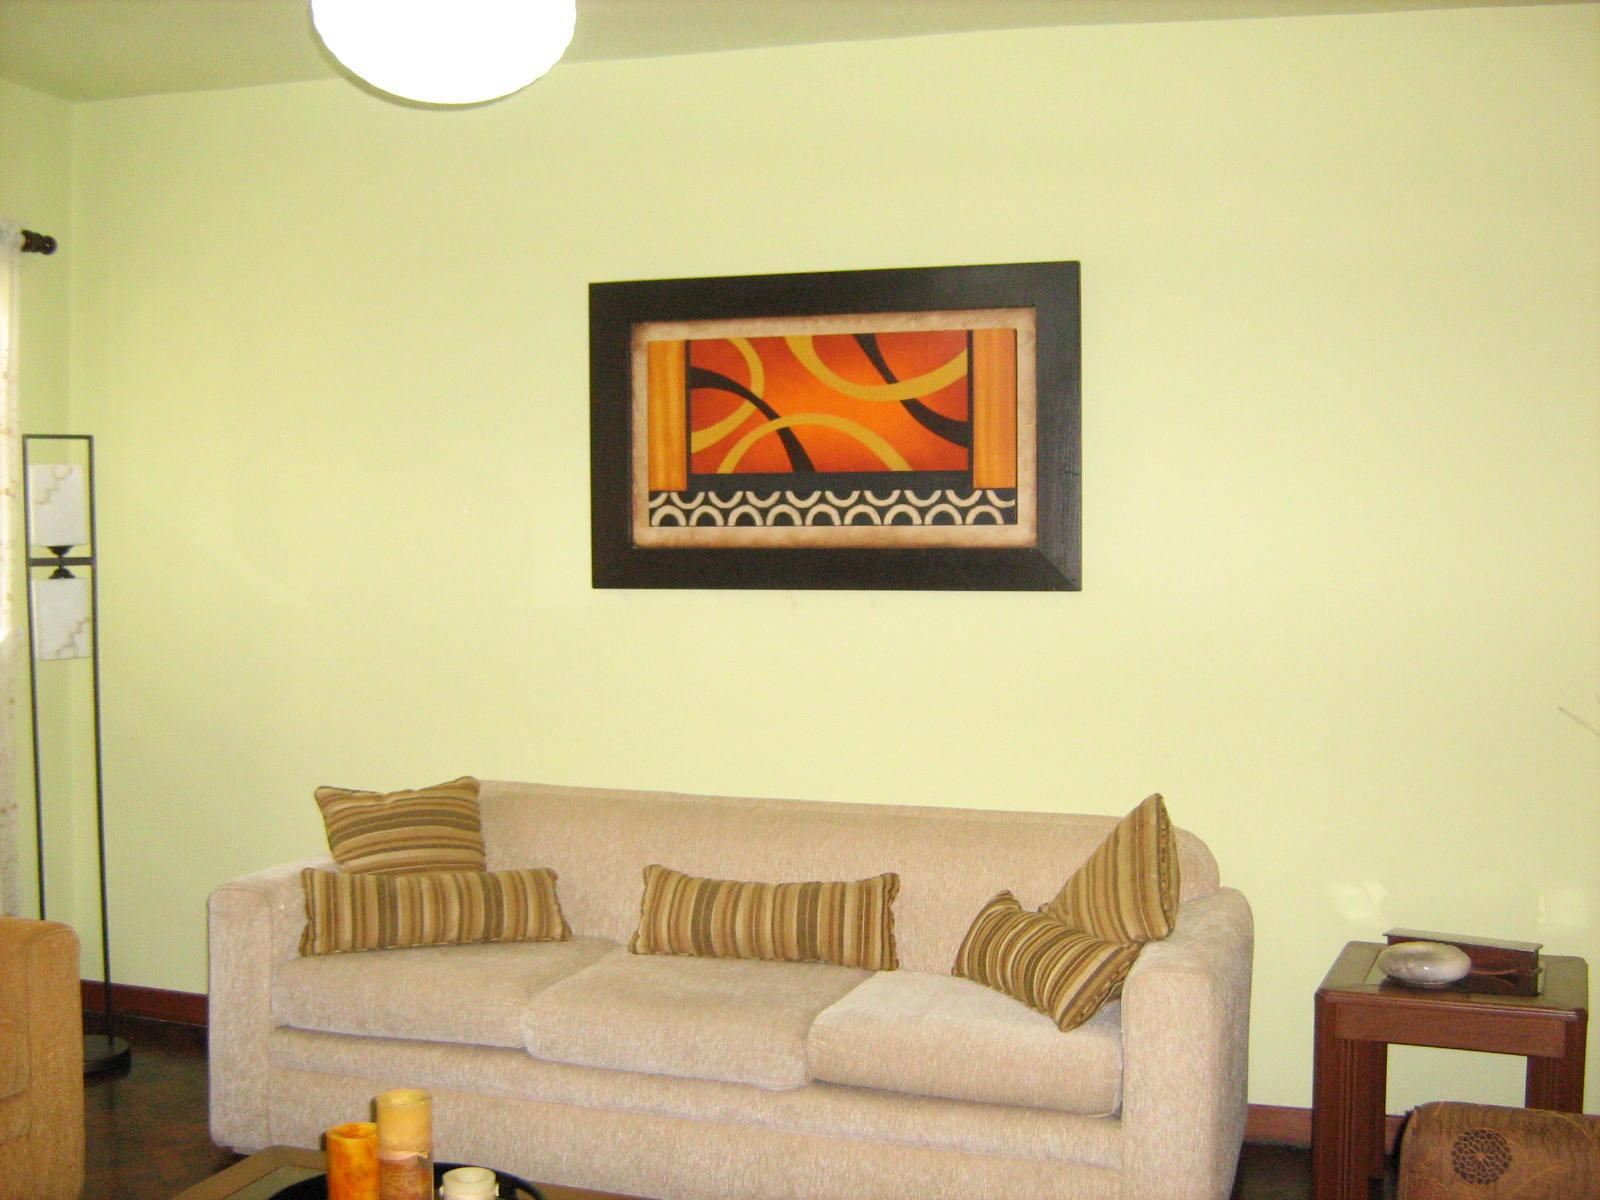 Pintura decorativa moderna con marco 2 marco de madera de - Pinturas modernas para sala ...